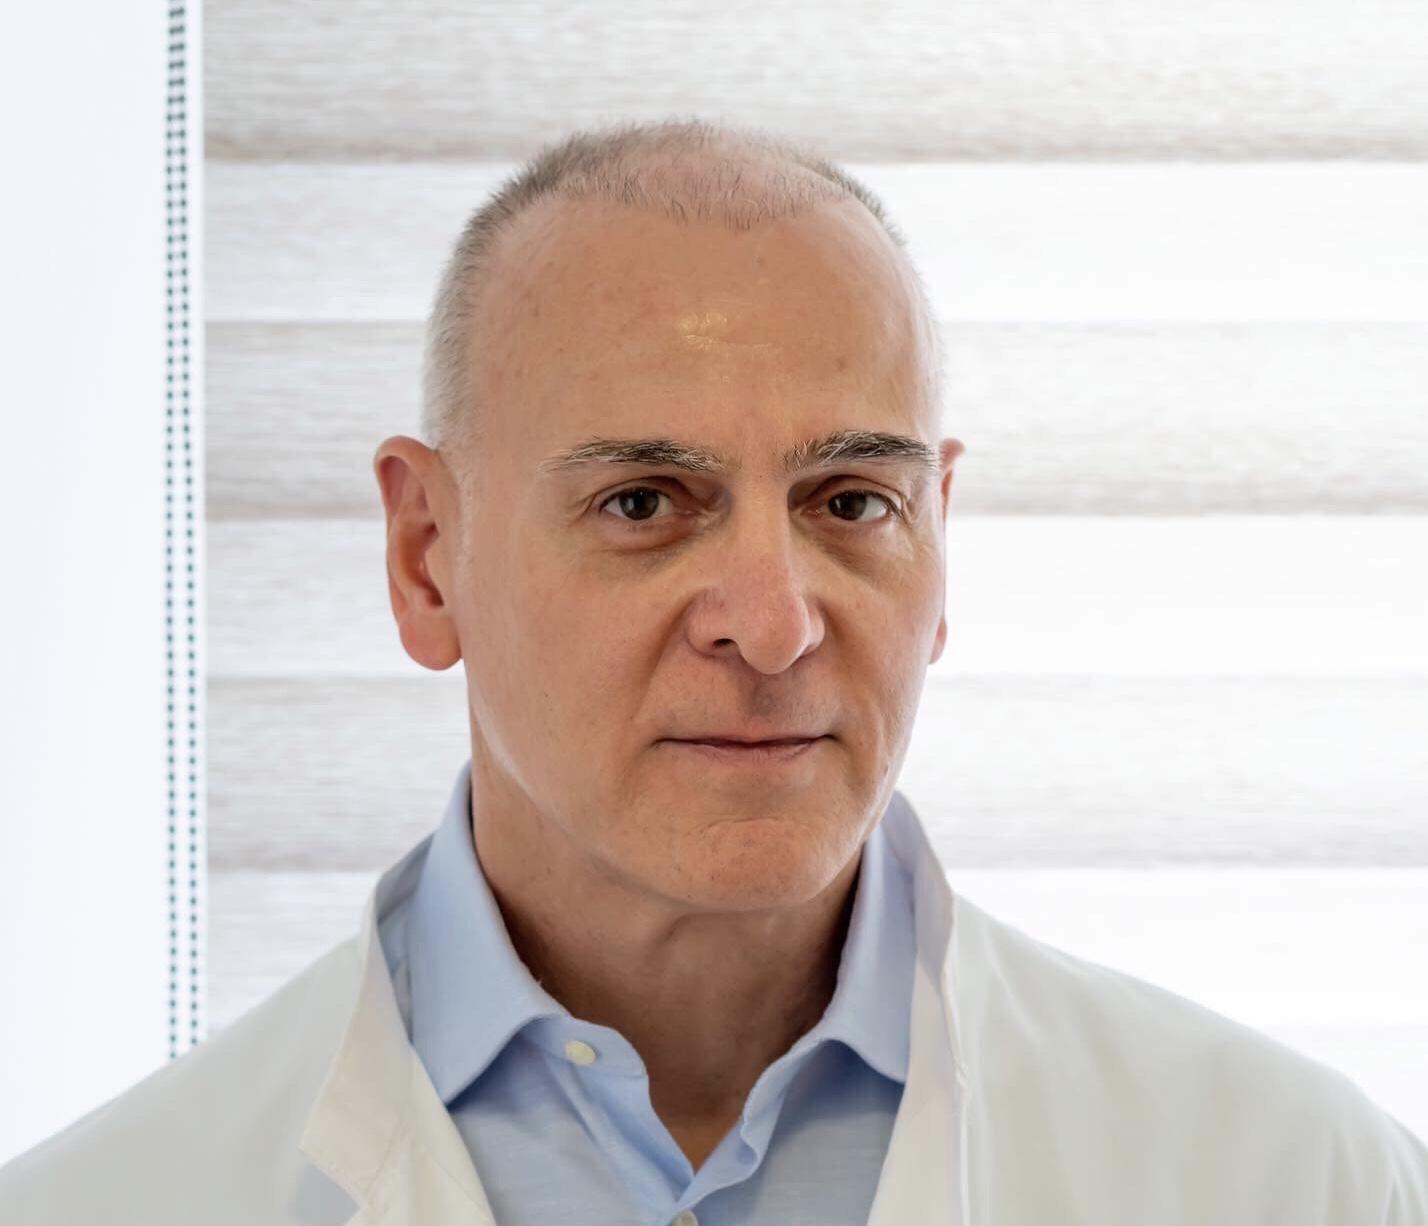 Τοπικό πάχος και κυτταρίτιδα: Πως να τα «πολεμήσετε» με εξελιγμένες μη επεμβατικές θεραπείες